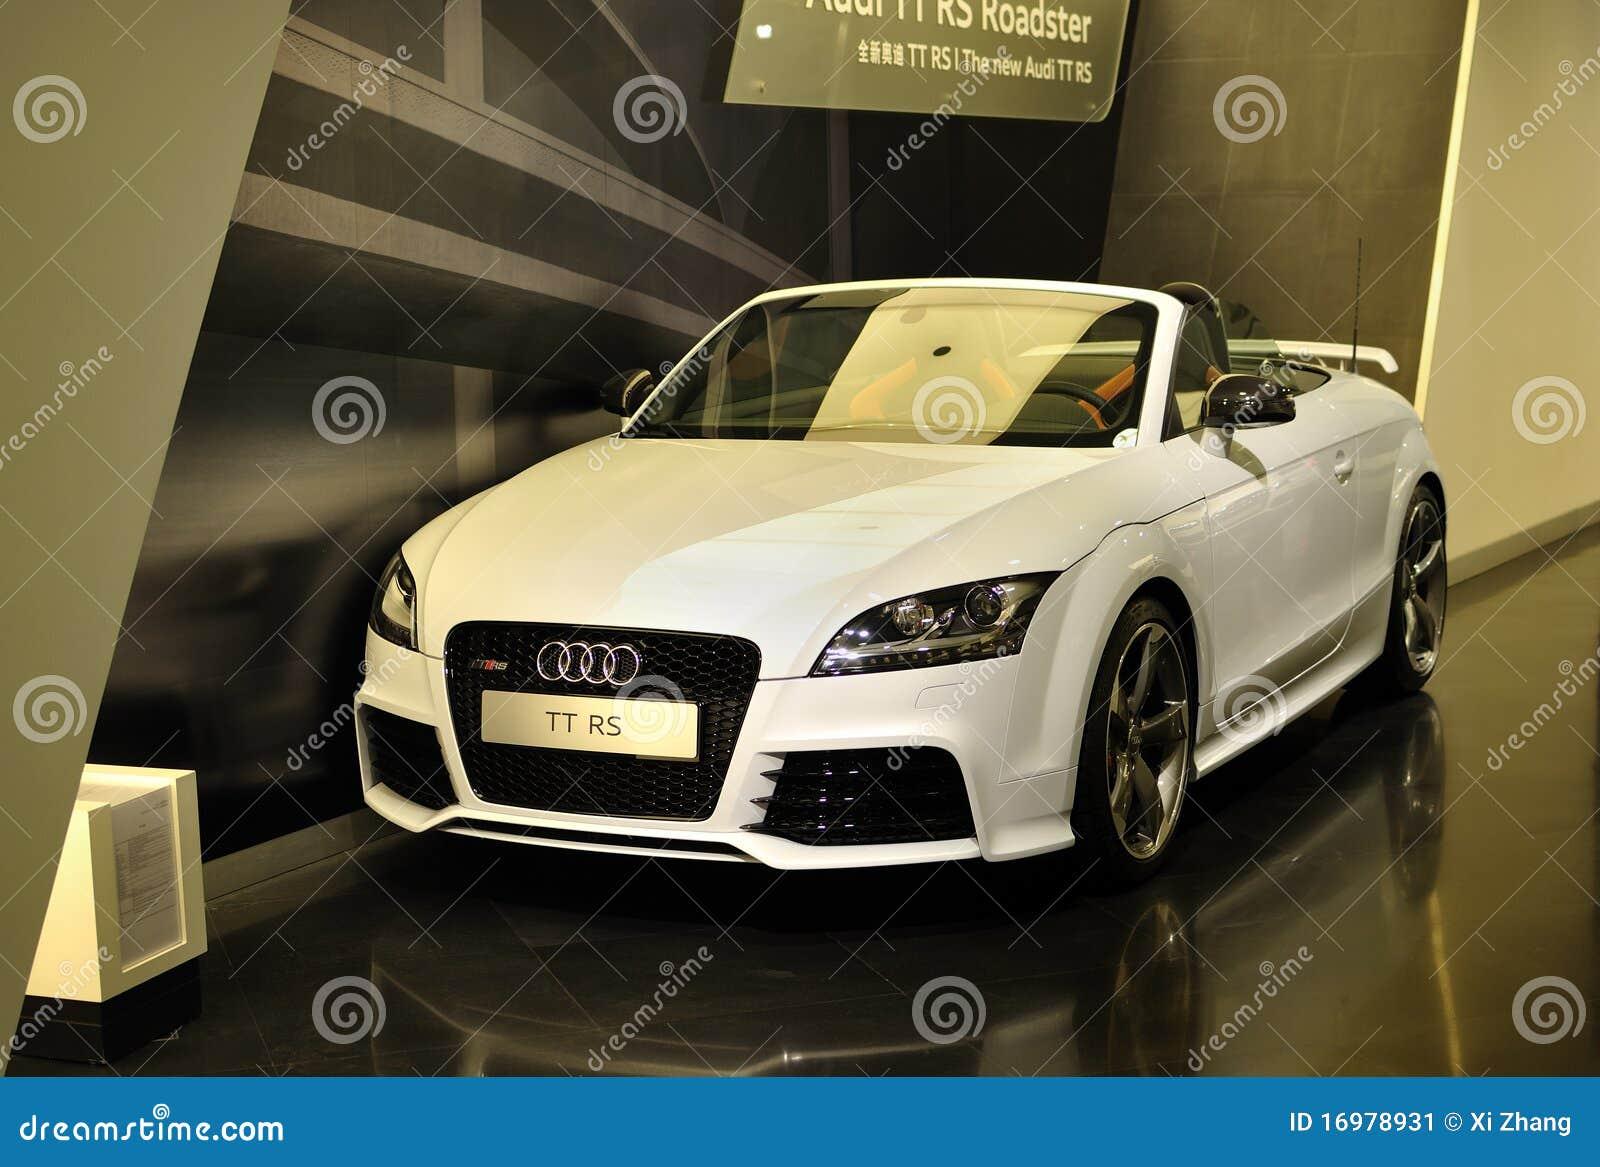 Rs d Audi TTT